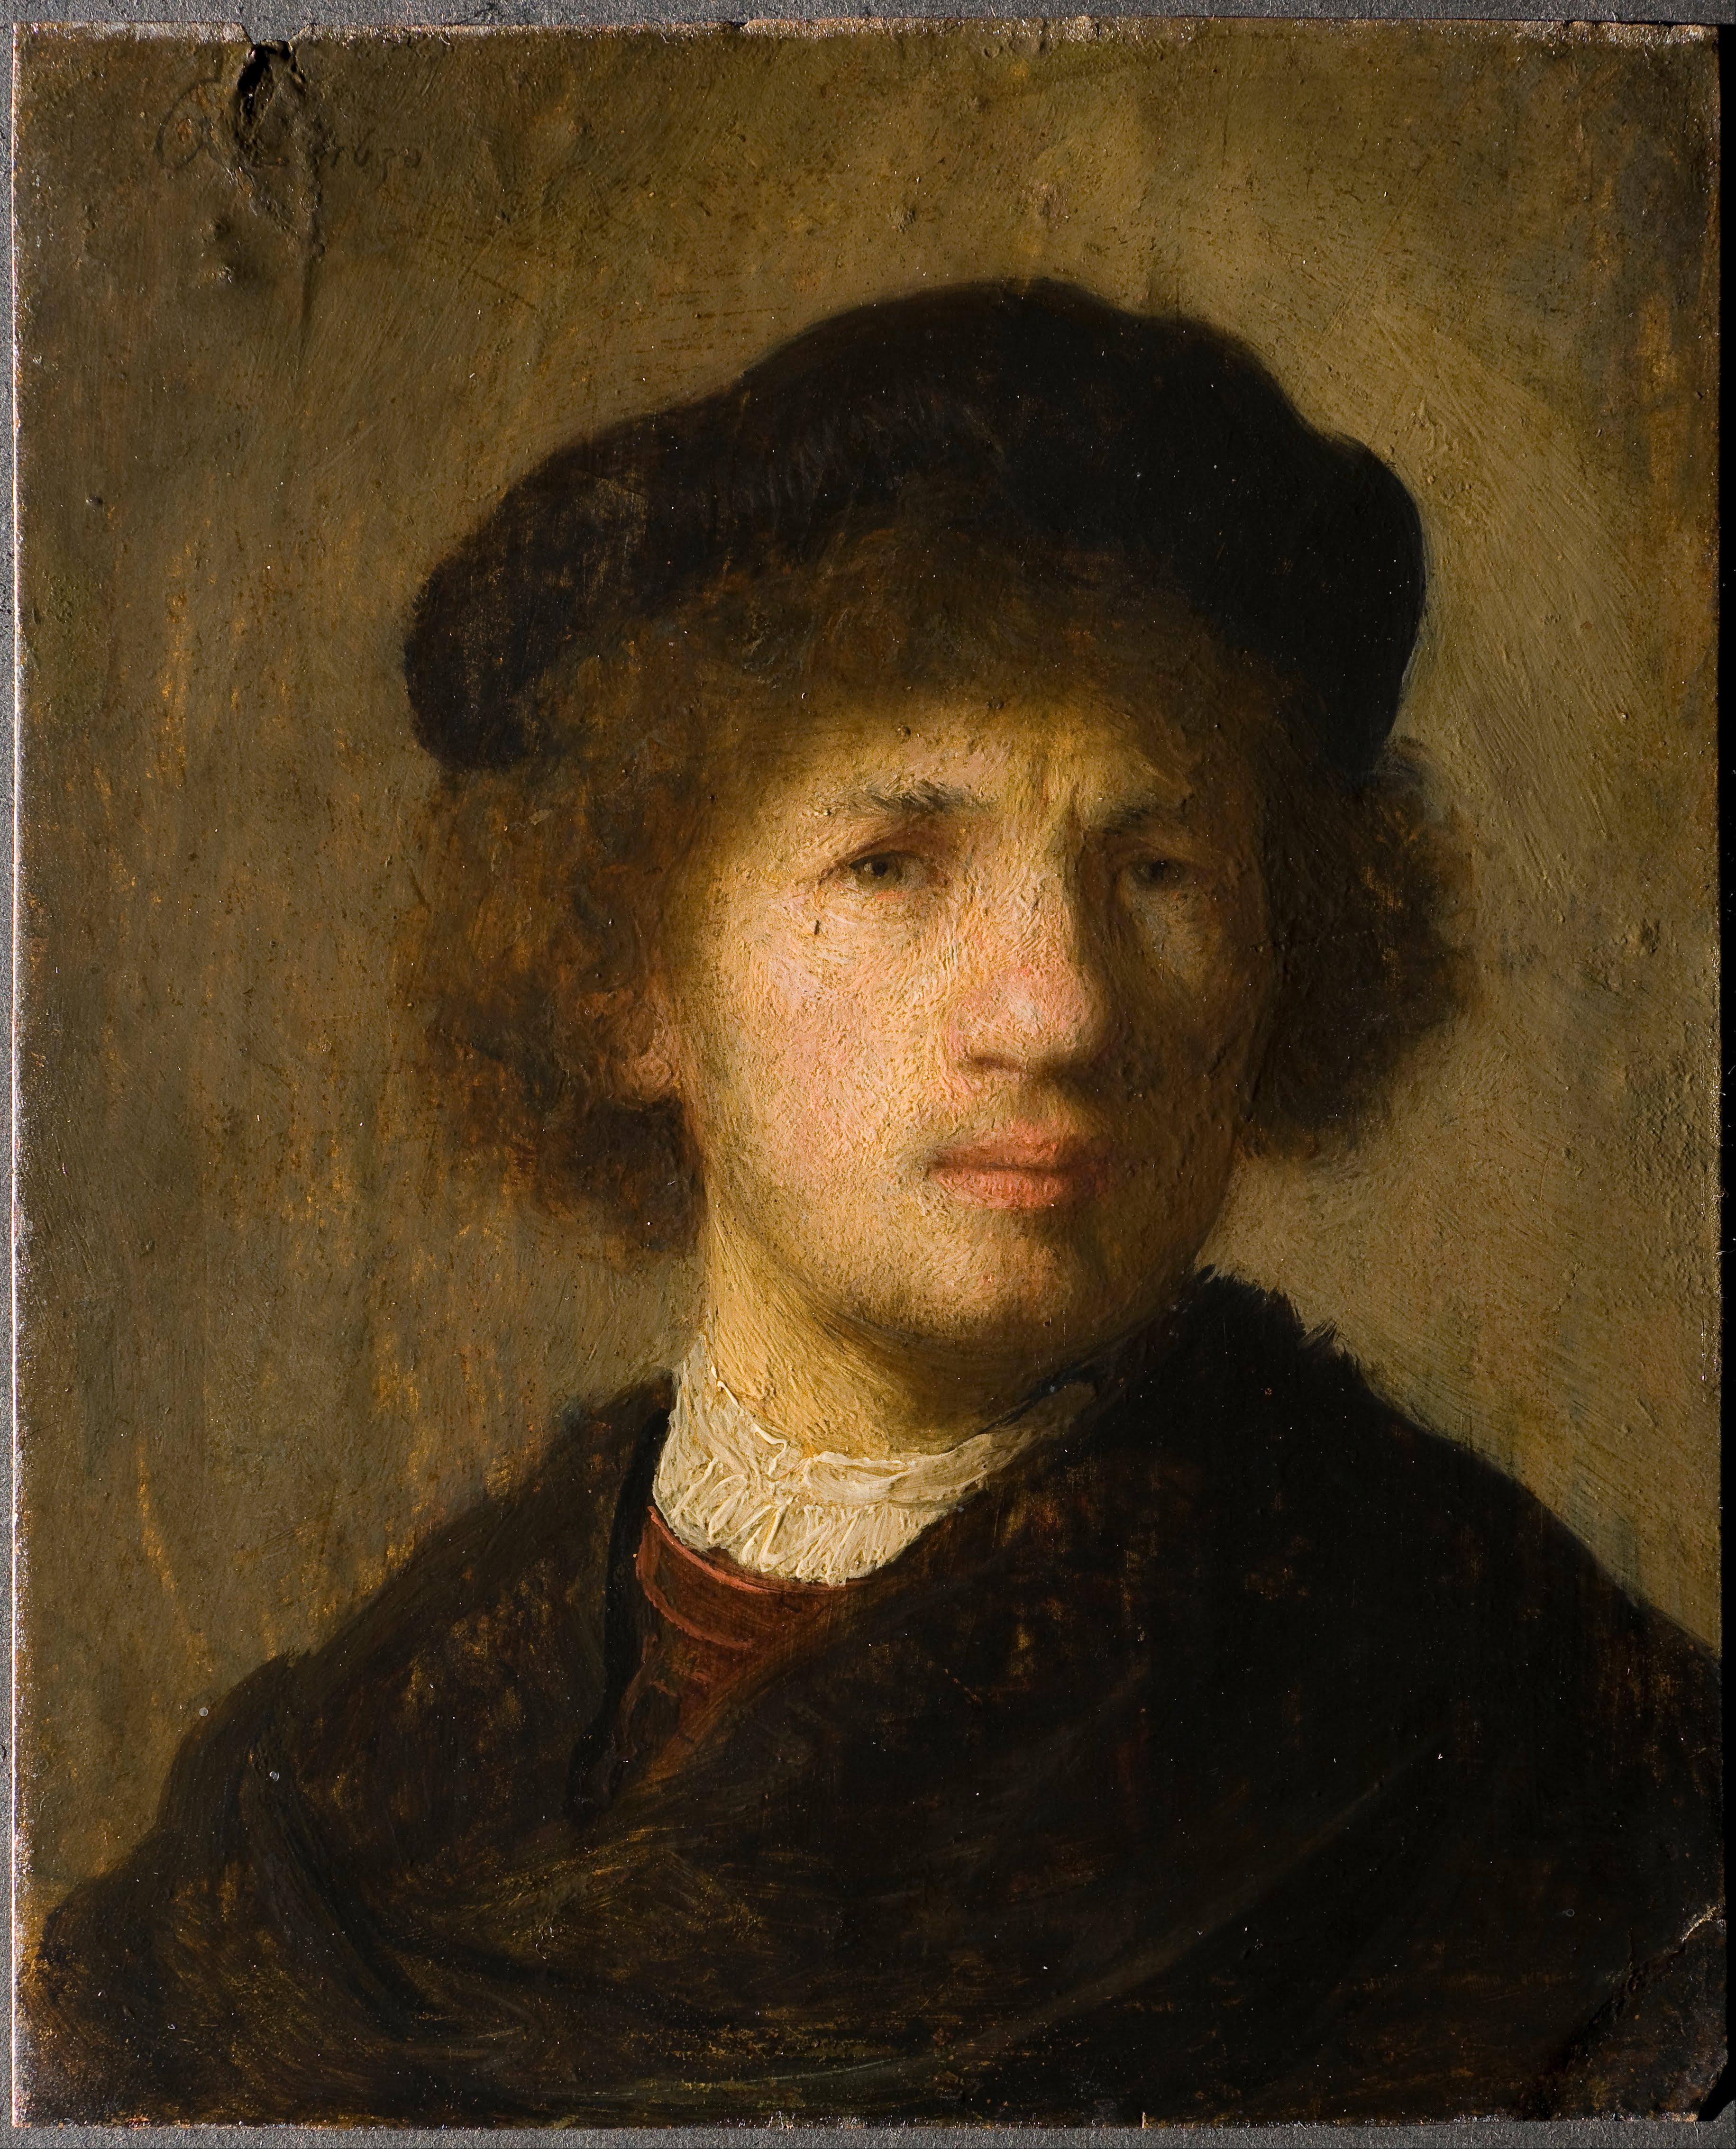 Rembrandt_Harmensz._van_Rijn_-_Selfportrait_-_Google_Art_Project